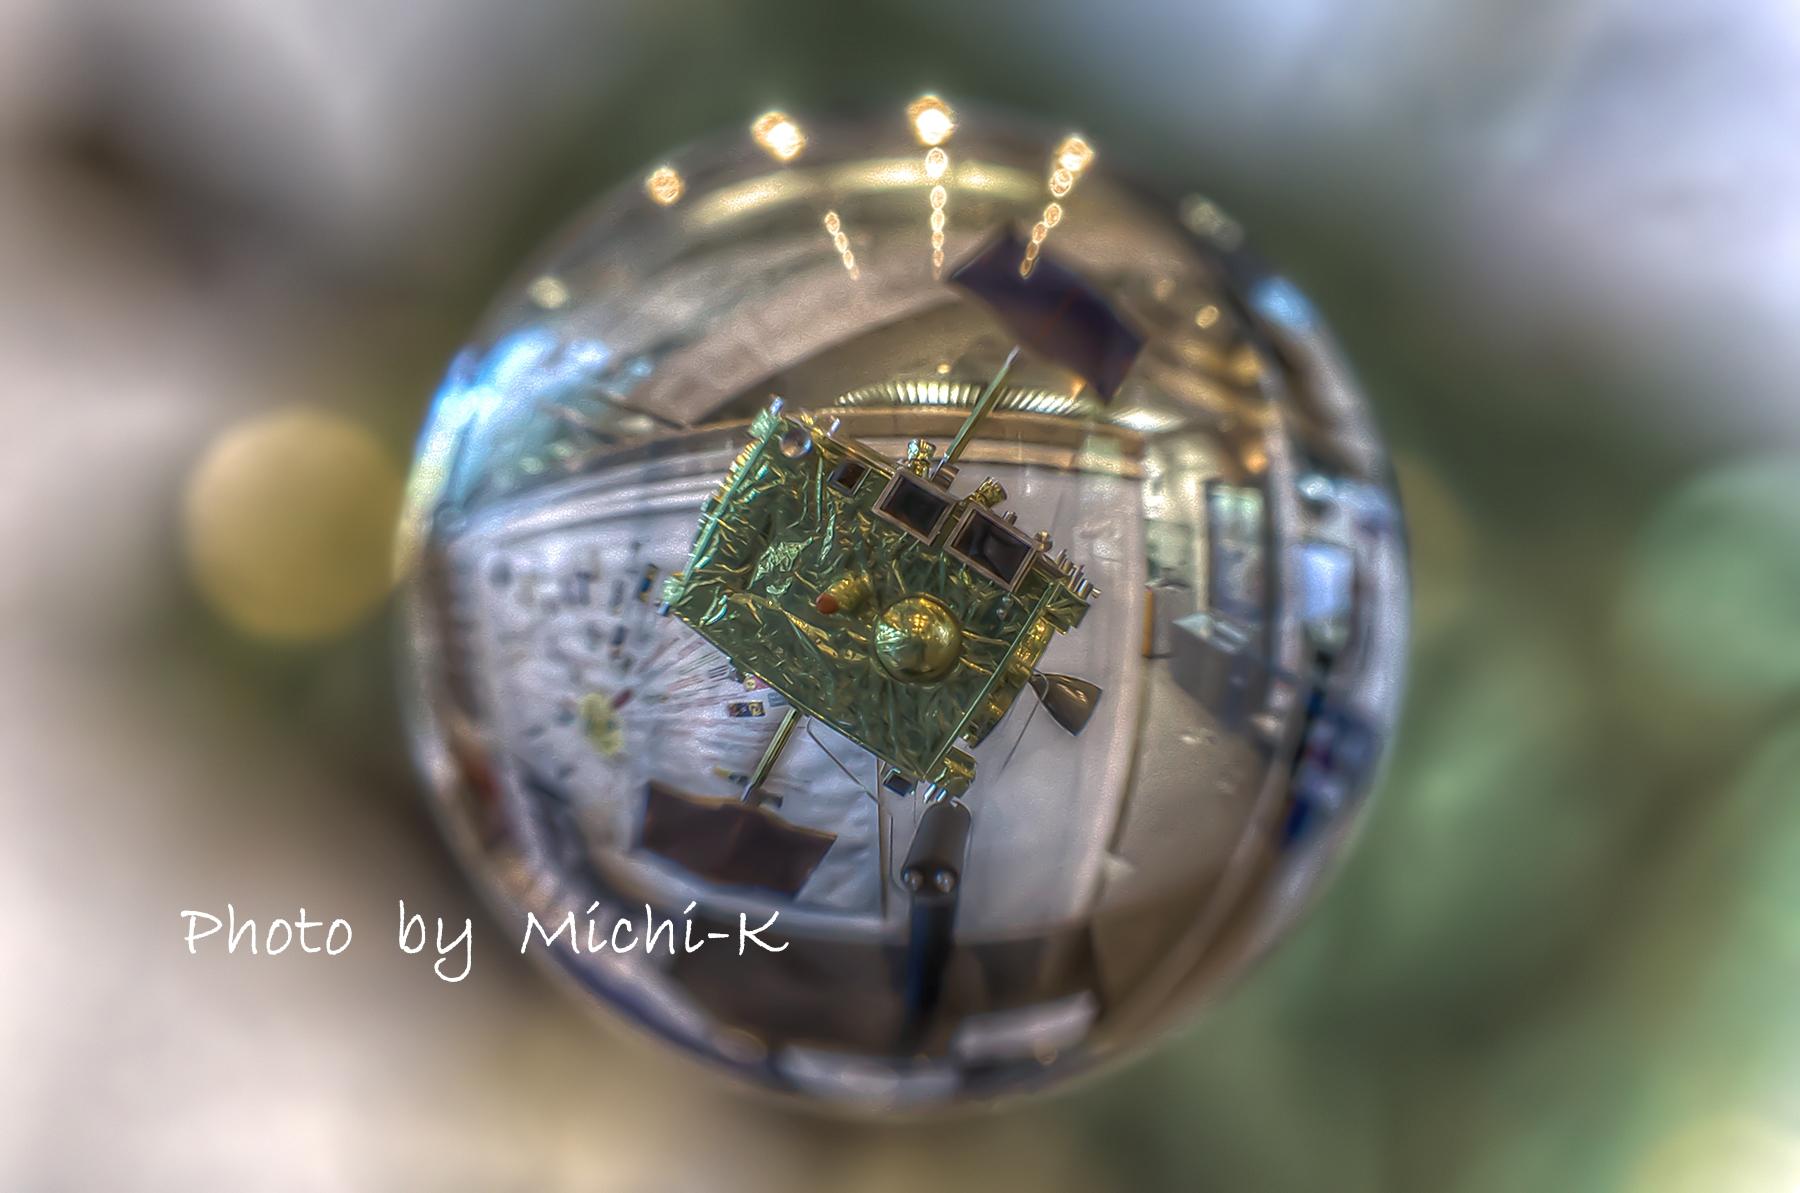 宙玉+HDR JAXA相模原キャンパス、金星探査機あかつき